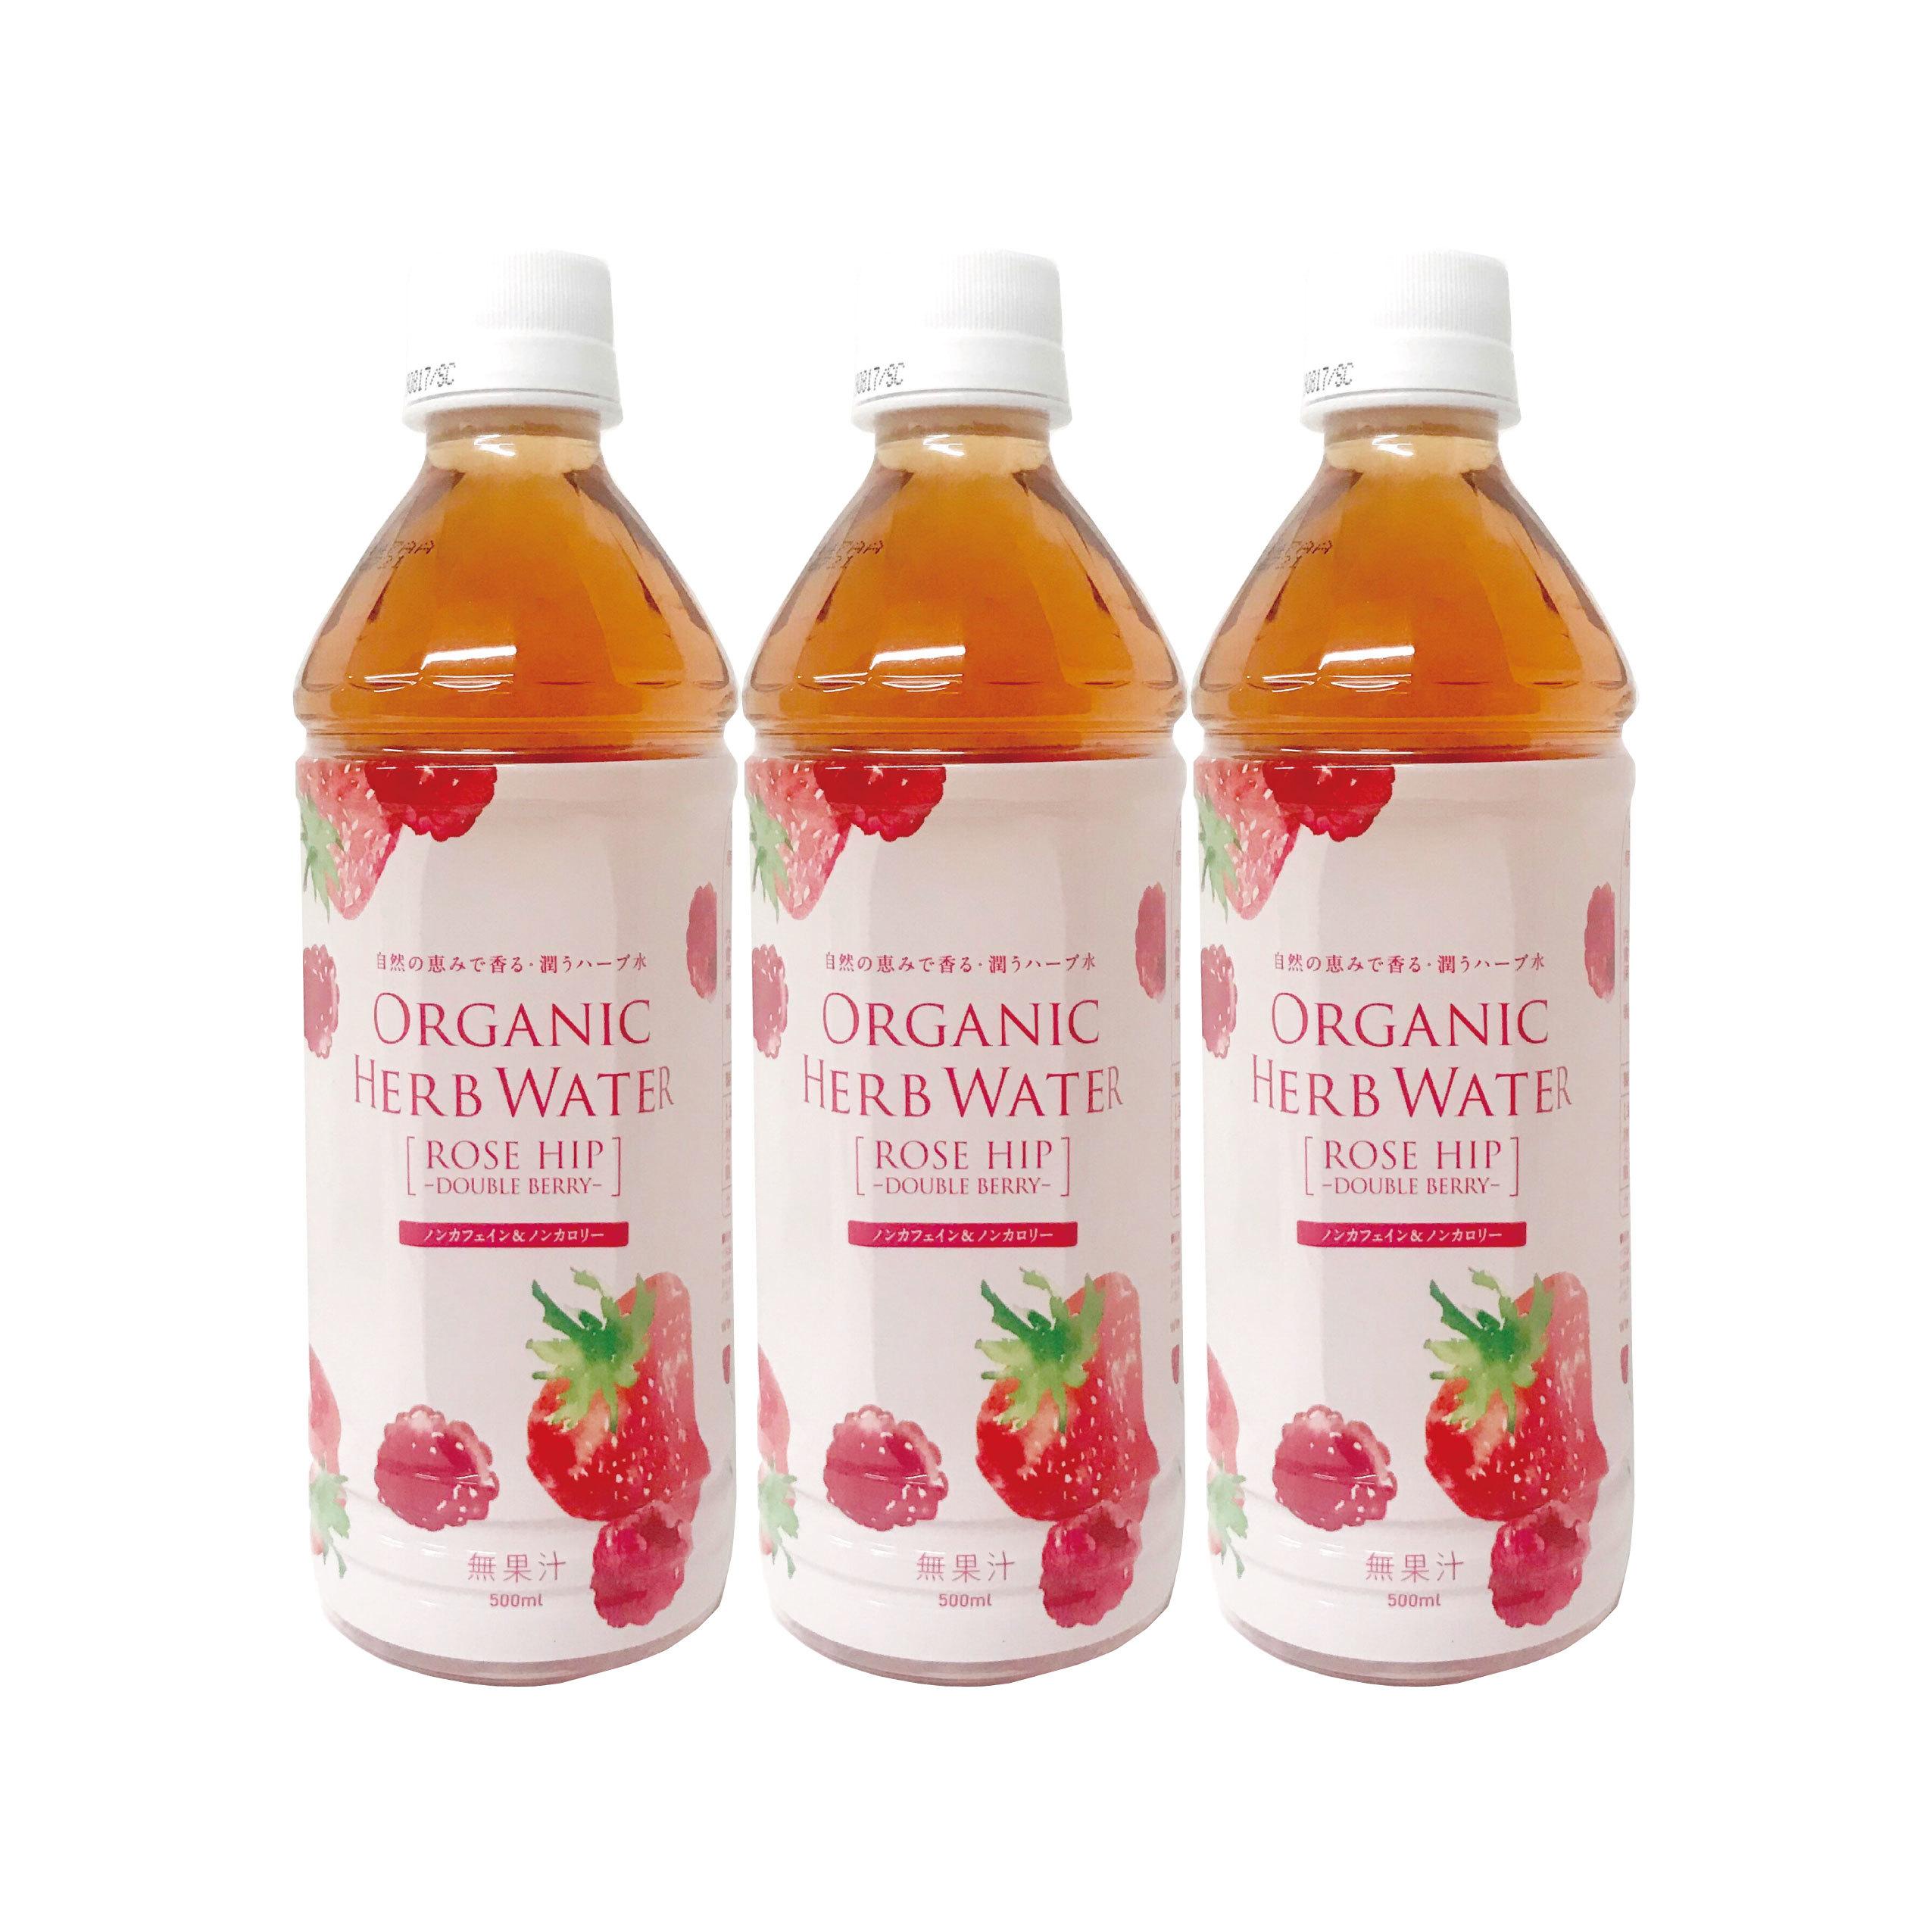 【SET】Organic Herb Water (Rose Hip) ×24